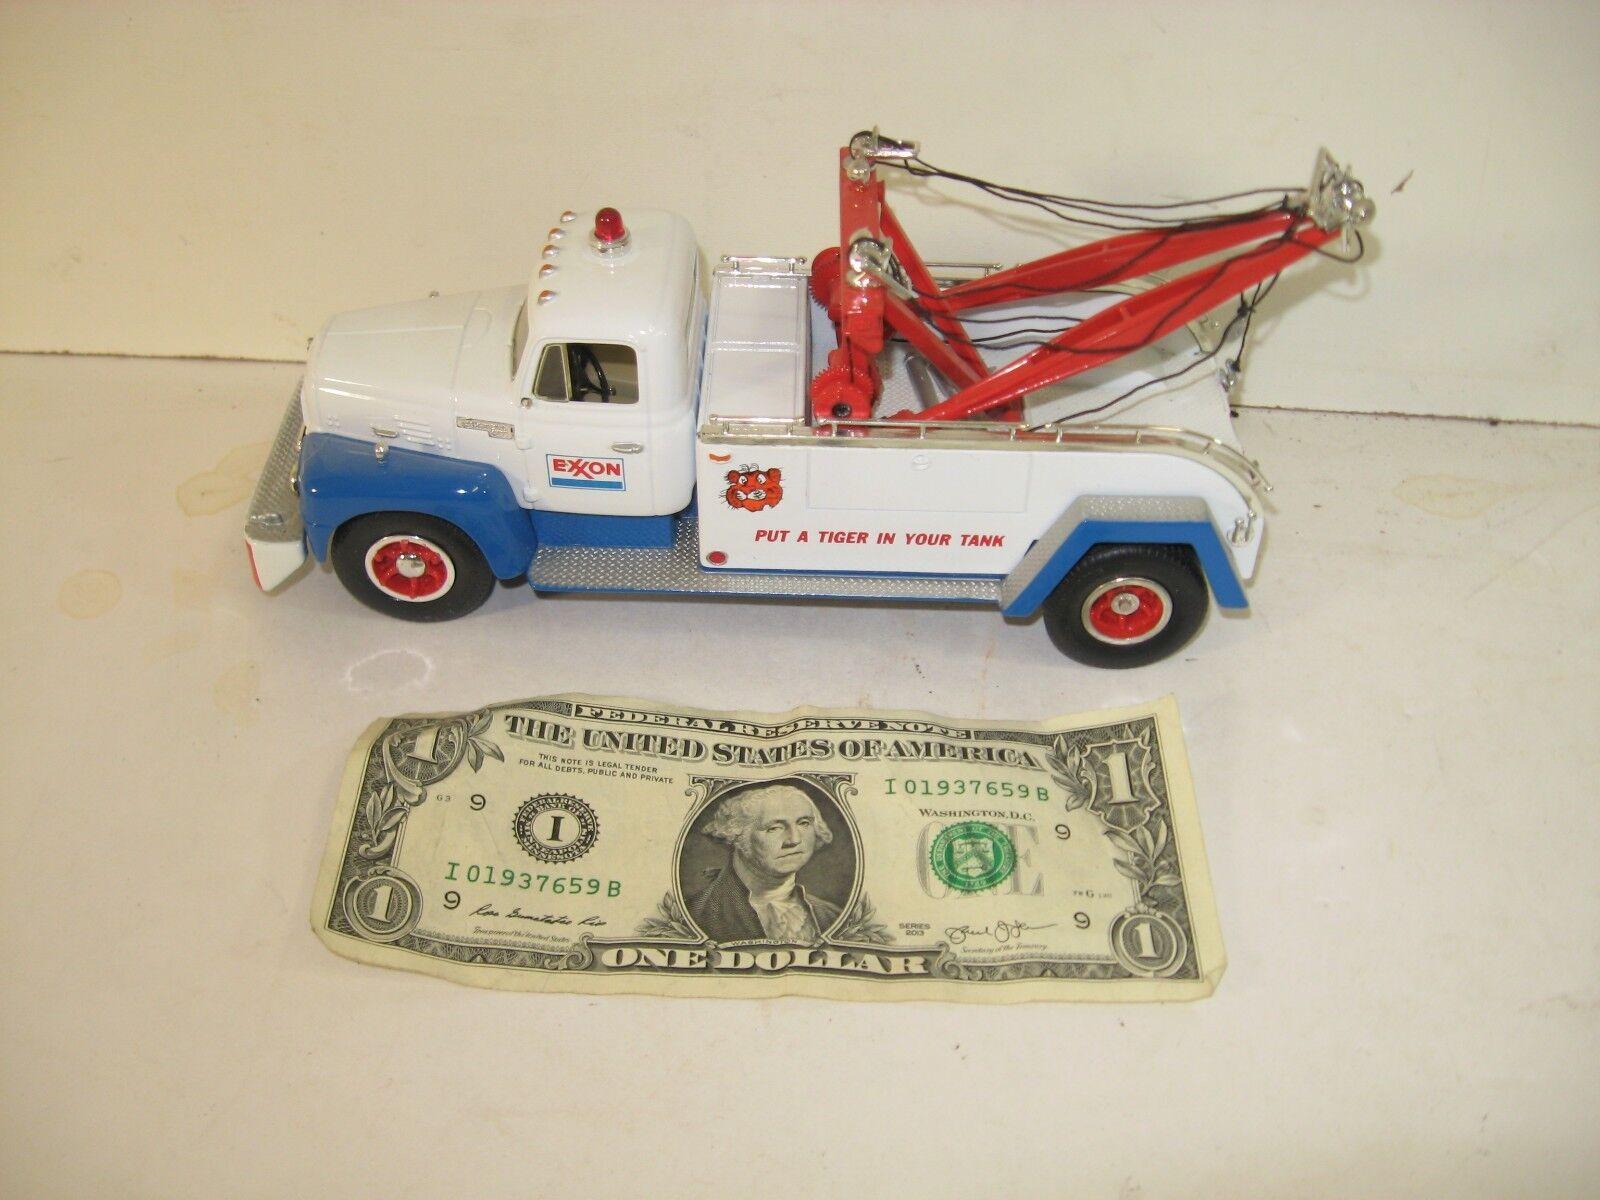 First 1st Gear 1957 International R-200 Tow Truck - Exxon  - 1994  - 10-1199